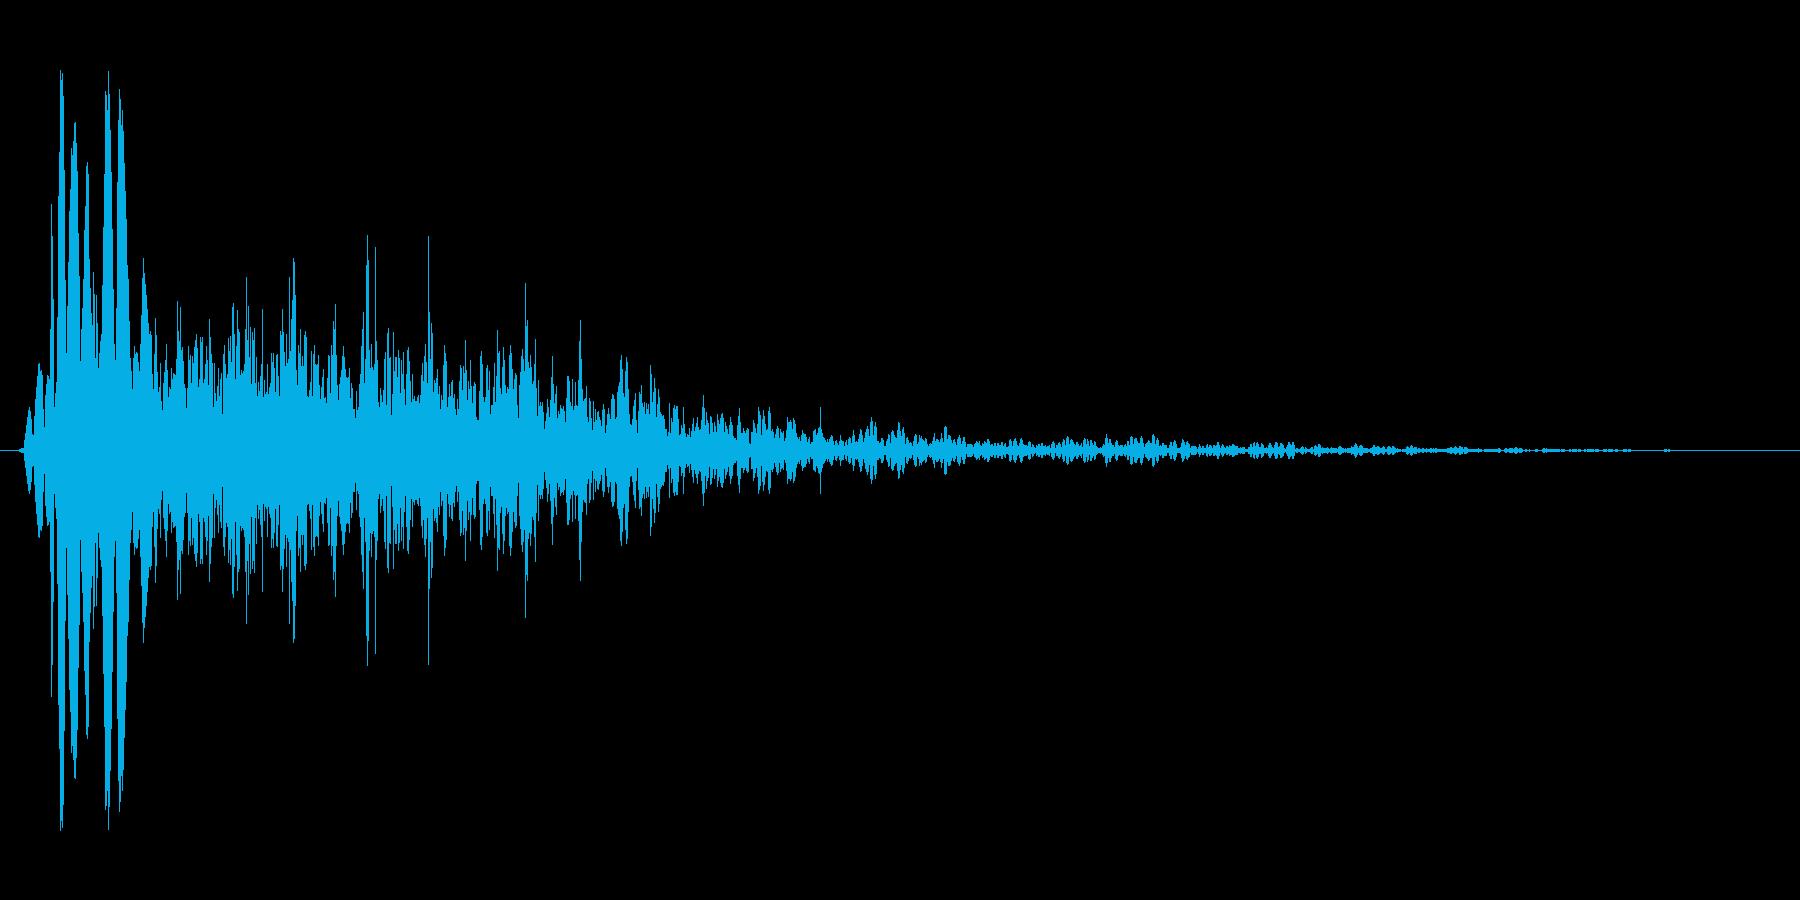 燃え盛る炎・火炎系の魔法(中レベル)mの再生済みの波形